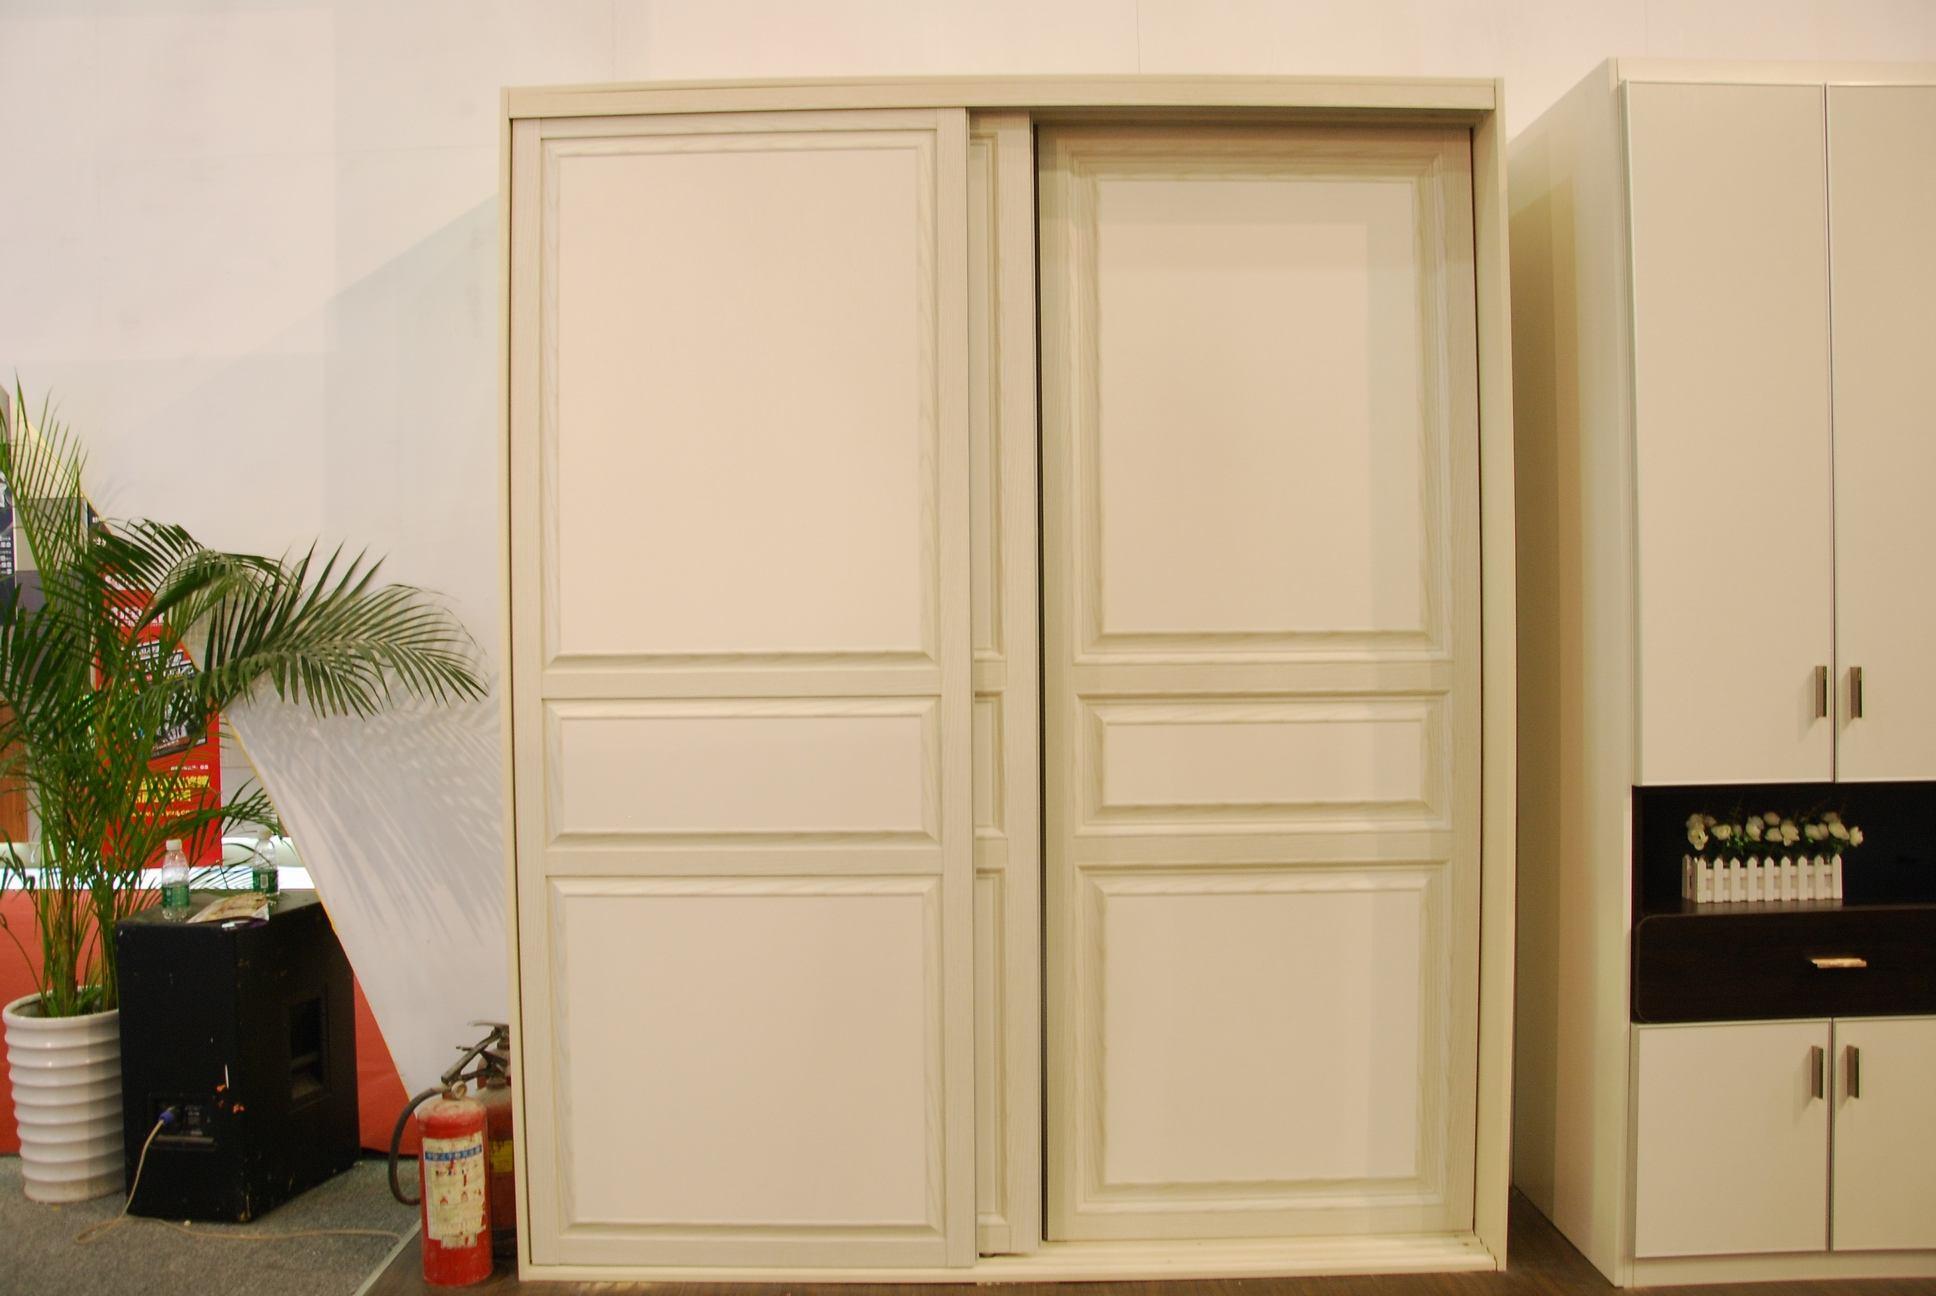 实木型,使用实木制作衣柜门板,风格多为古典型,通常价位较高。其门框为实木,以樱桃木色、胡桃木色、橡木色为主。门芯为中密度板贴实木皮,制作中一般在实木表面做凹凸造型,外喷漆,从而保持了原木色且造型优美。这样可以保证实木的特殊视觉效果,边框与芯板组合又可以保证门板强度。   吸塑型,吸塑板基材为密度板、表面经真空吸塑而成或采用一次无缝PVC膜压成型工艺。吸塑型门板色彩丰富,木纹逼真,单色色度纯艳,不开裂不变形,耐划、耐热、耐污、防褪色,是最成熟的衣柜材料,而且日常维护简单。   模压型,它以密度板为基材